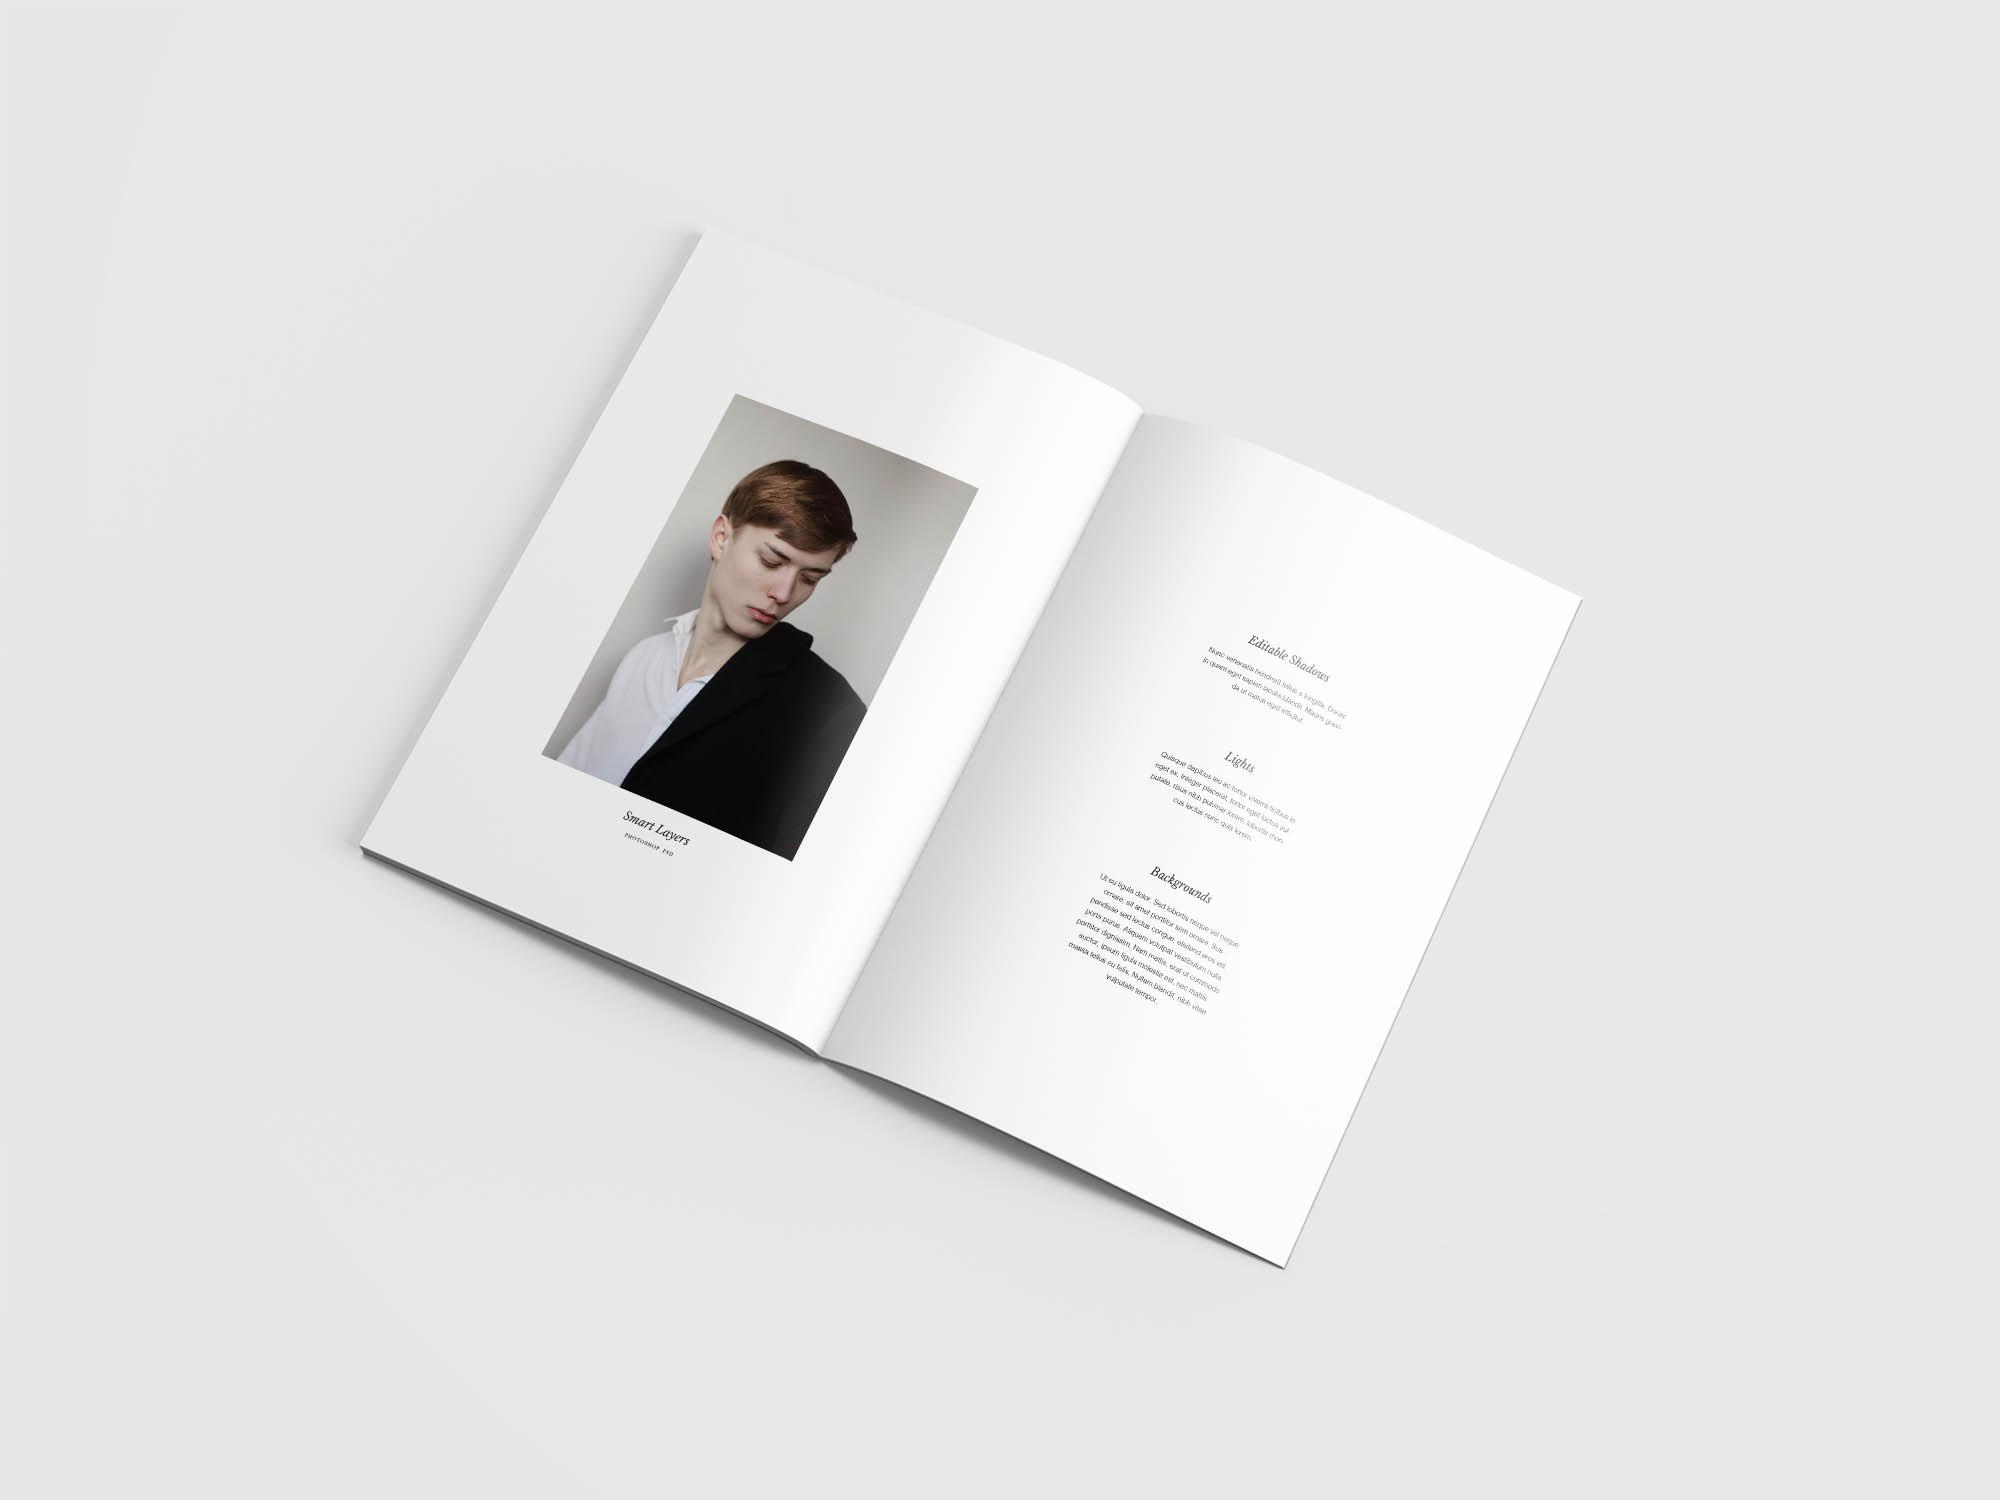 Minimal Magazine Mockup Opened 1